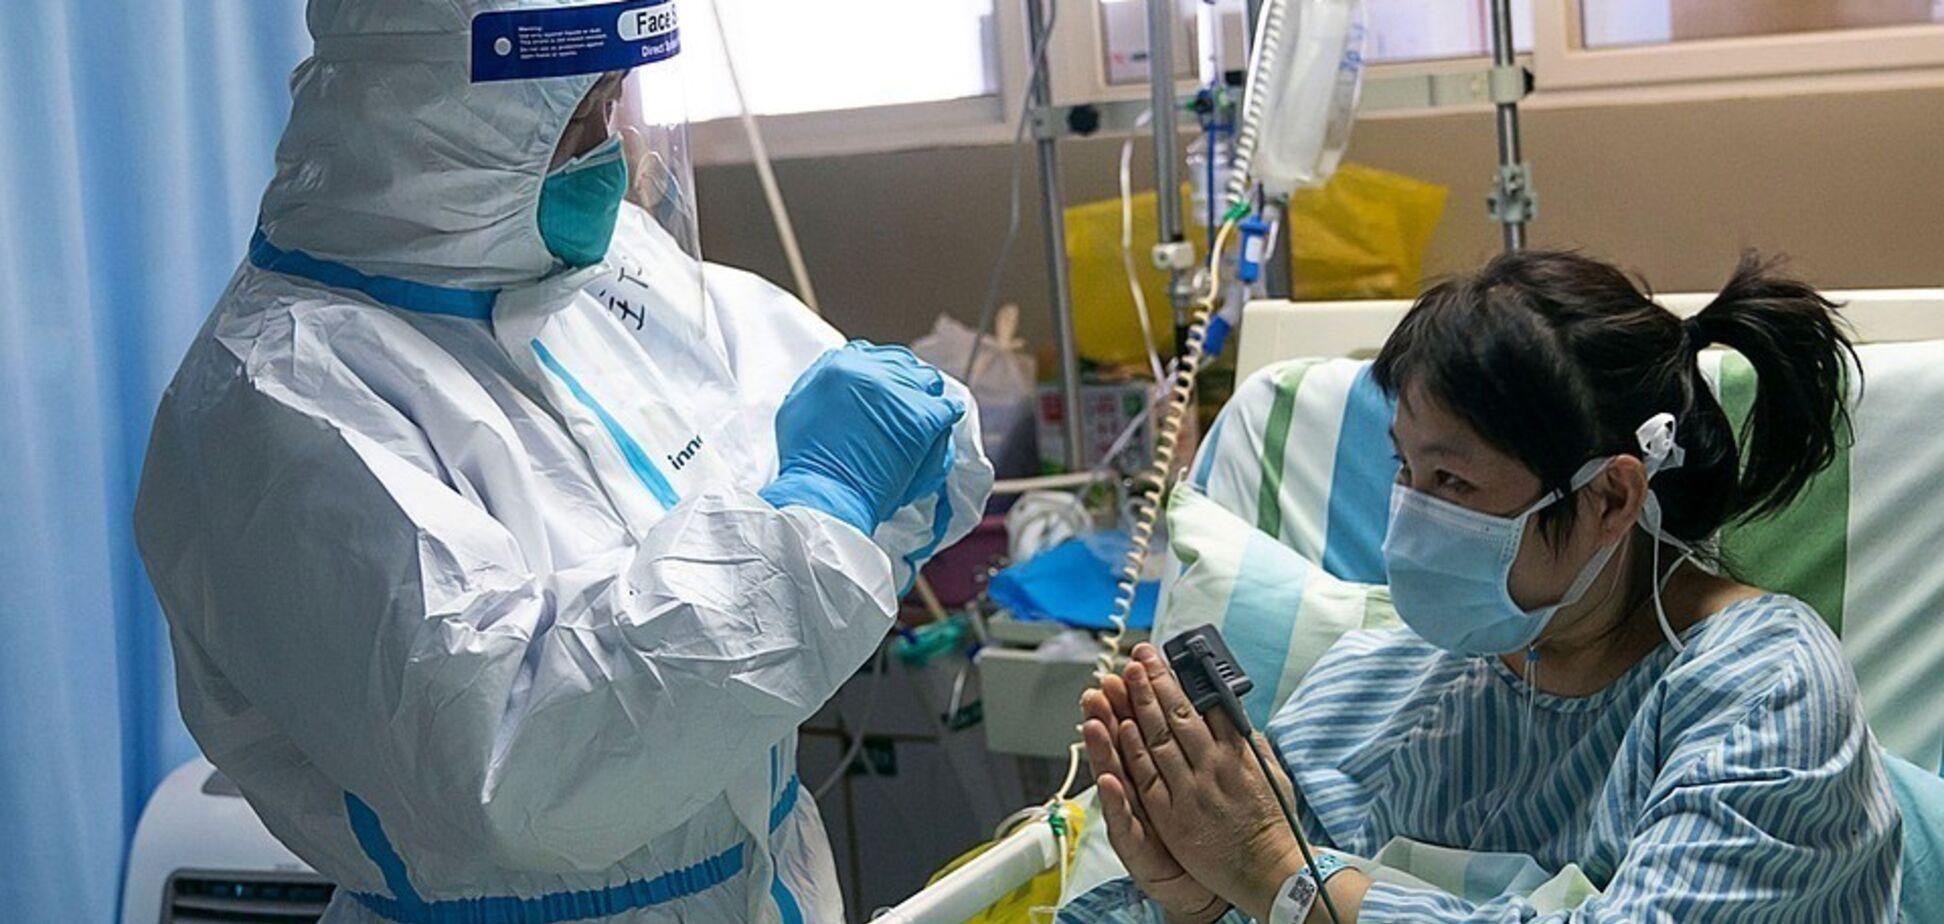 У коронавірусу з'явилися нові симптоми: медики здивовані